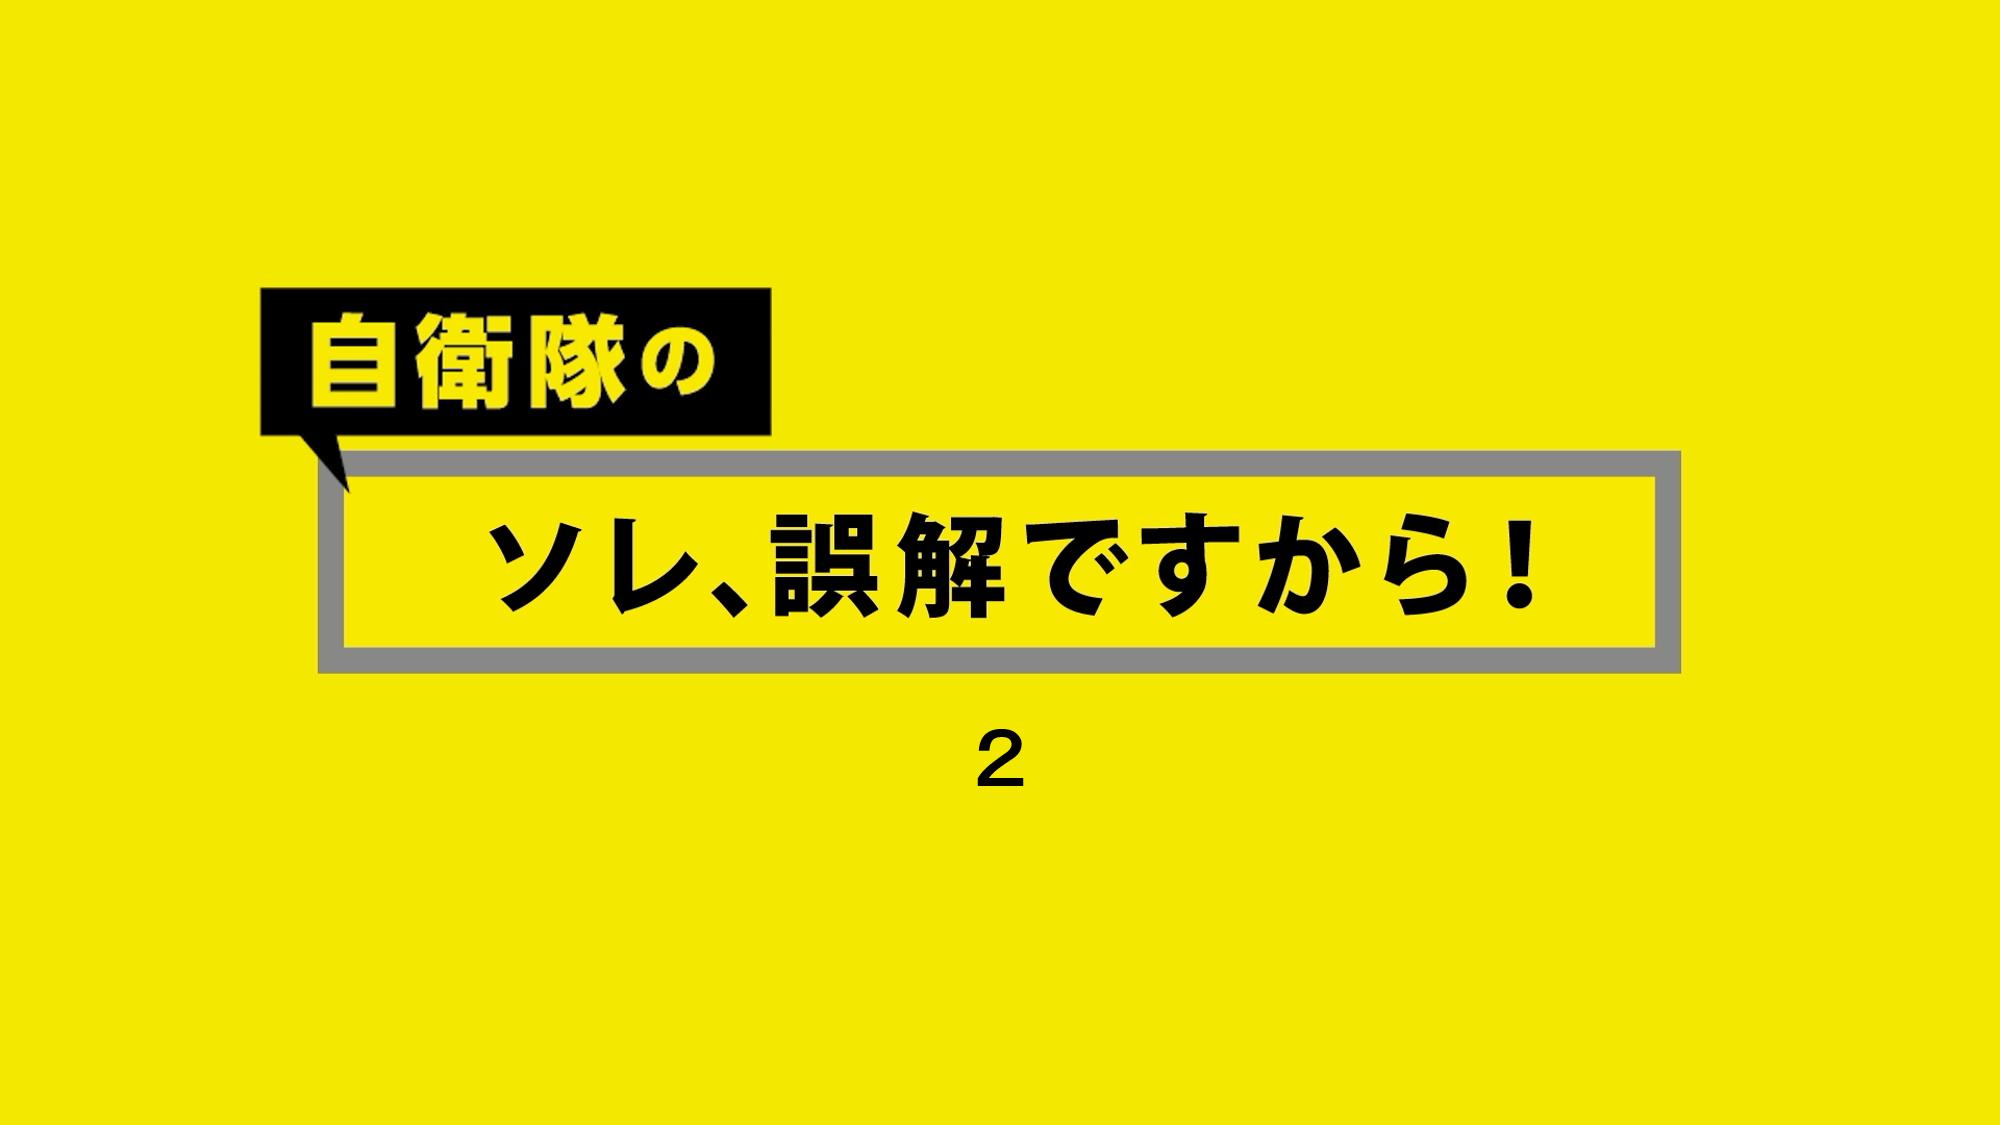 爆 サイ 鳥取 県 コロナ 鳥取市雑談掲示板|ローカルクチコミ爆サイ.com山陰版